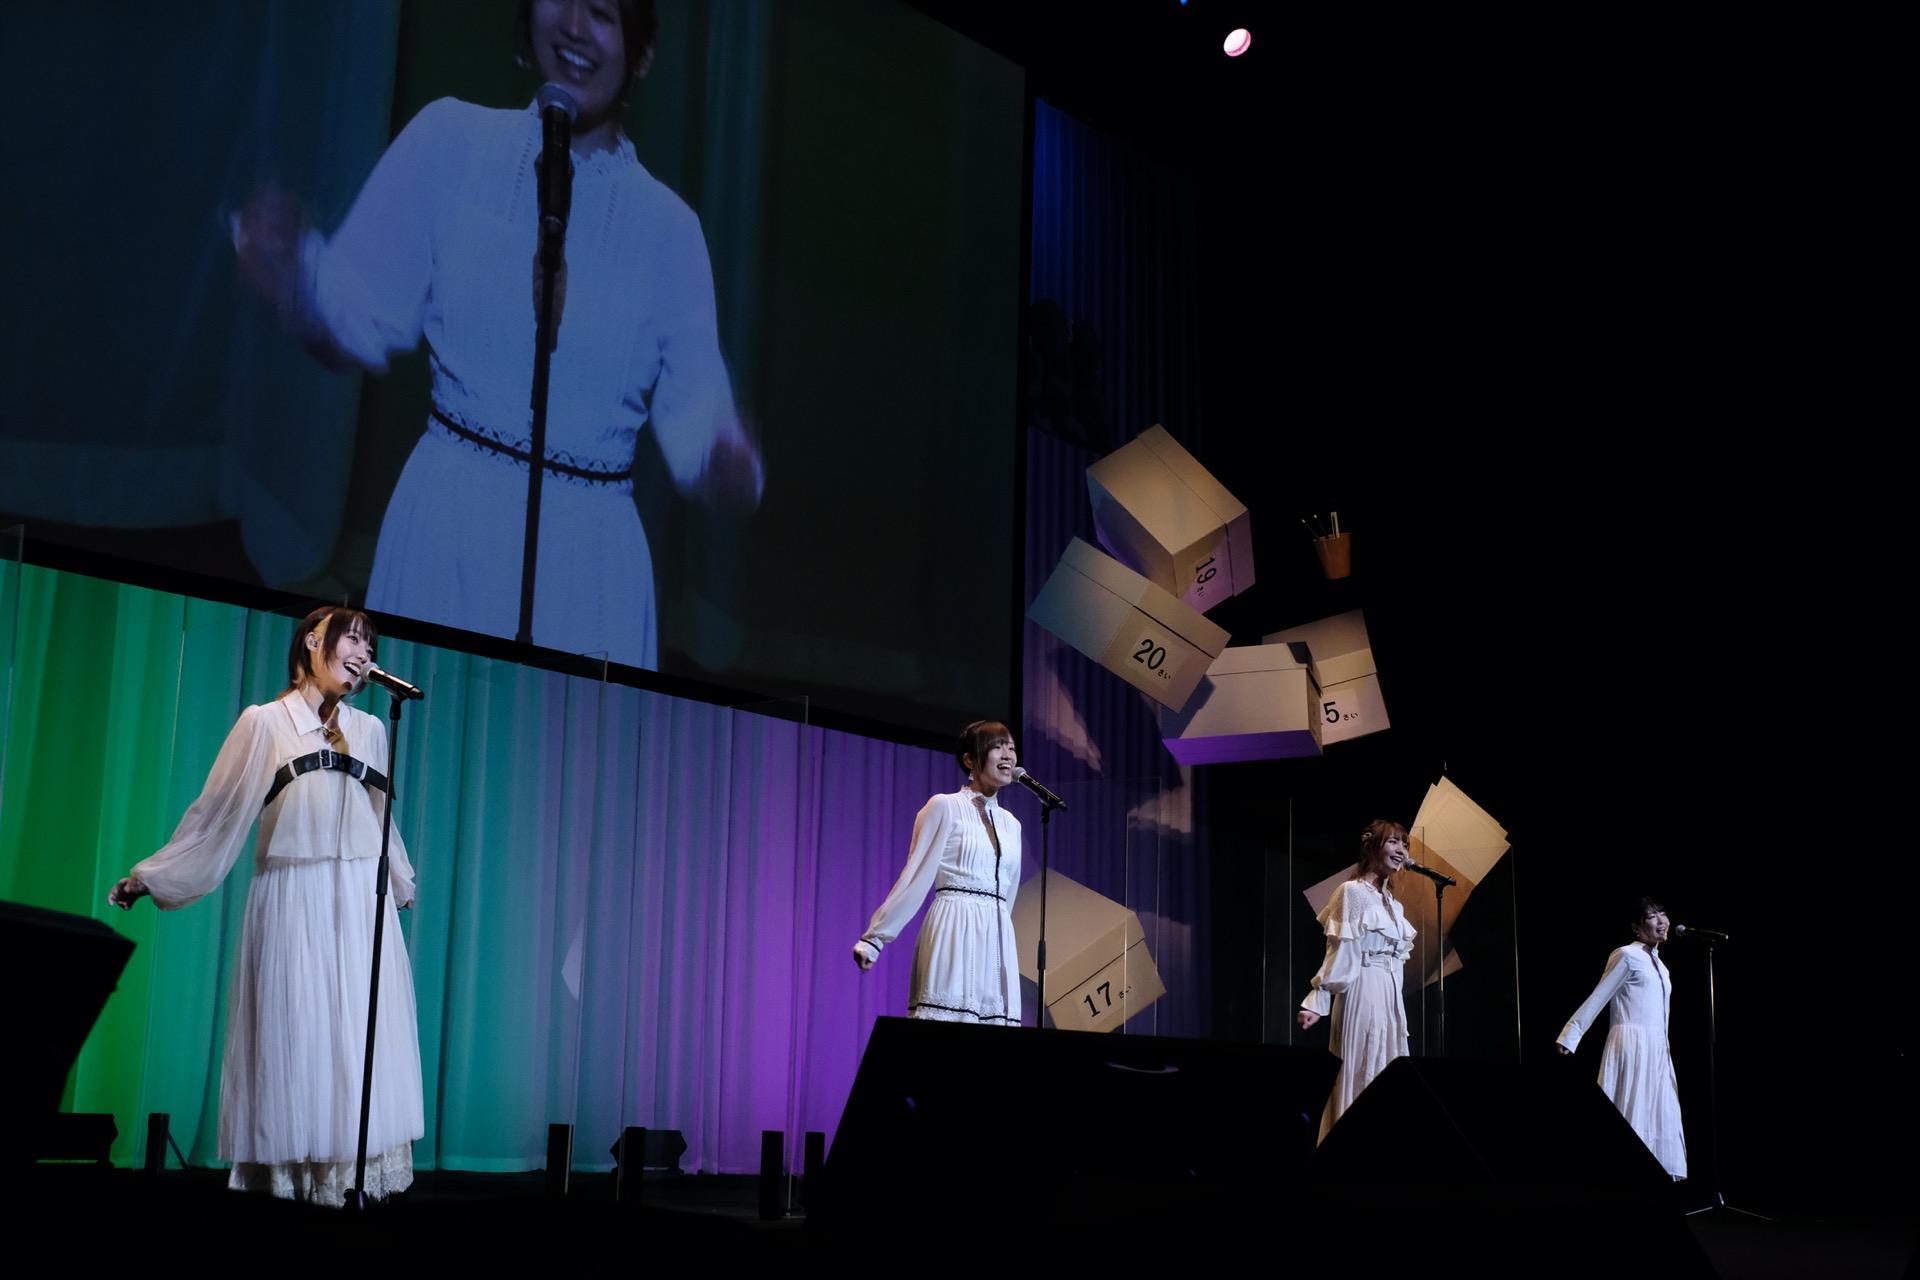 TVアニメ「かくしごと」スペシャルイベント ~こんなイベントやって姫にバレたらどーする!~イベント写真